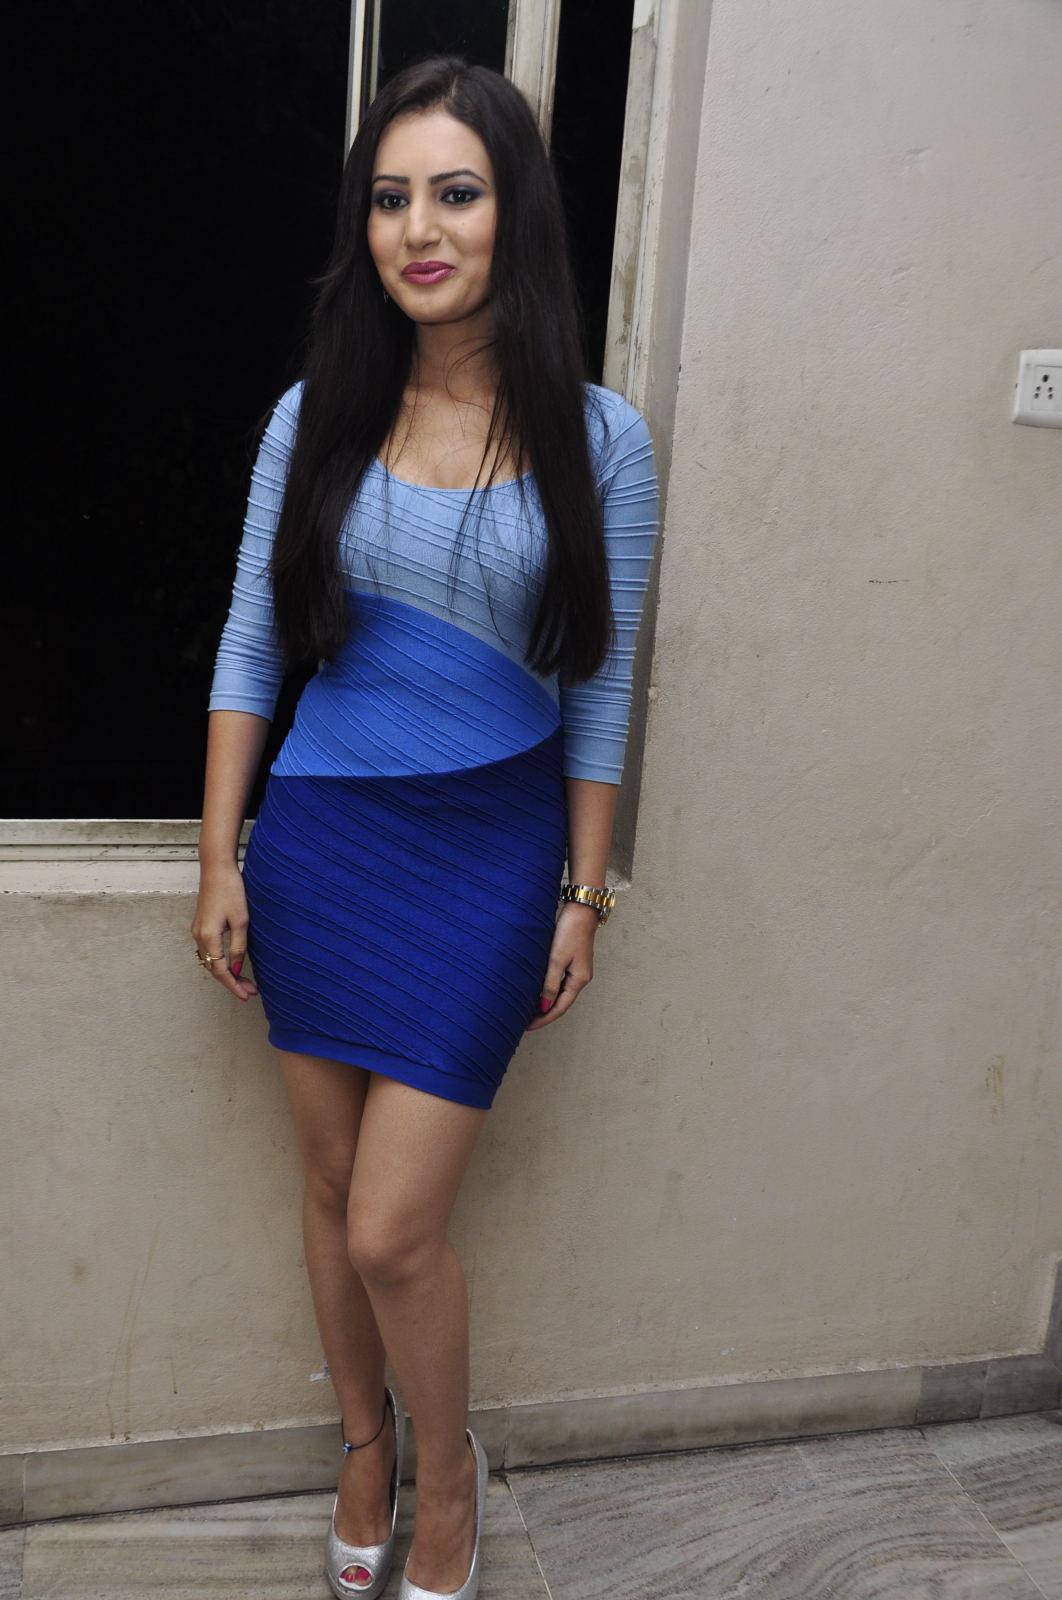 Anu Smruthi hot in blue bikini